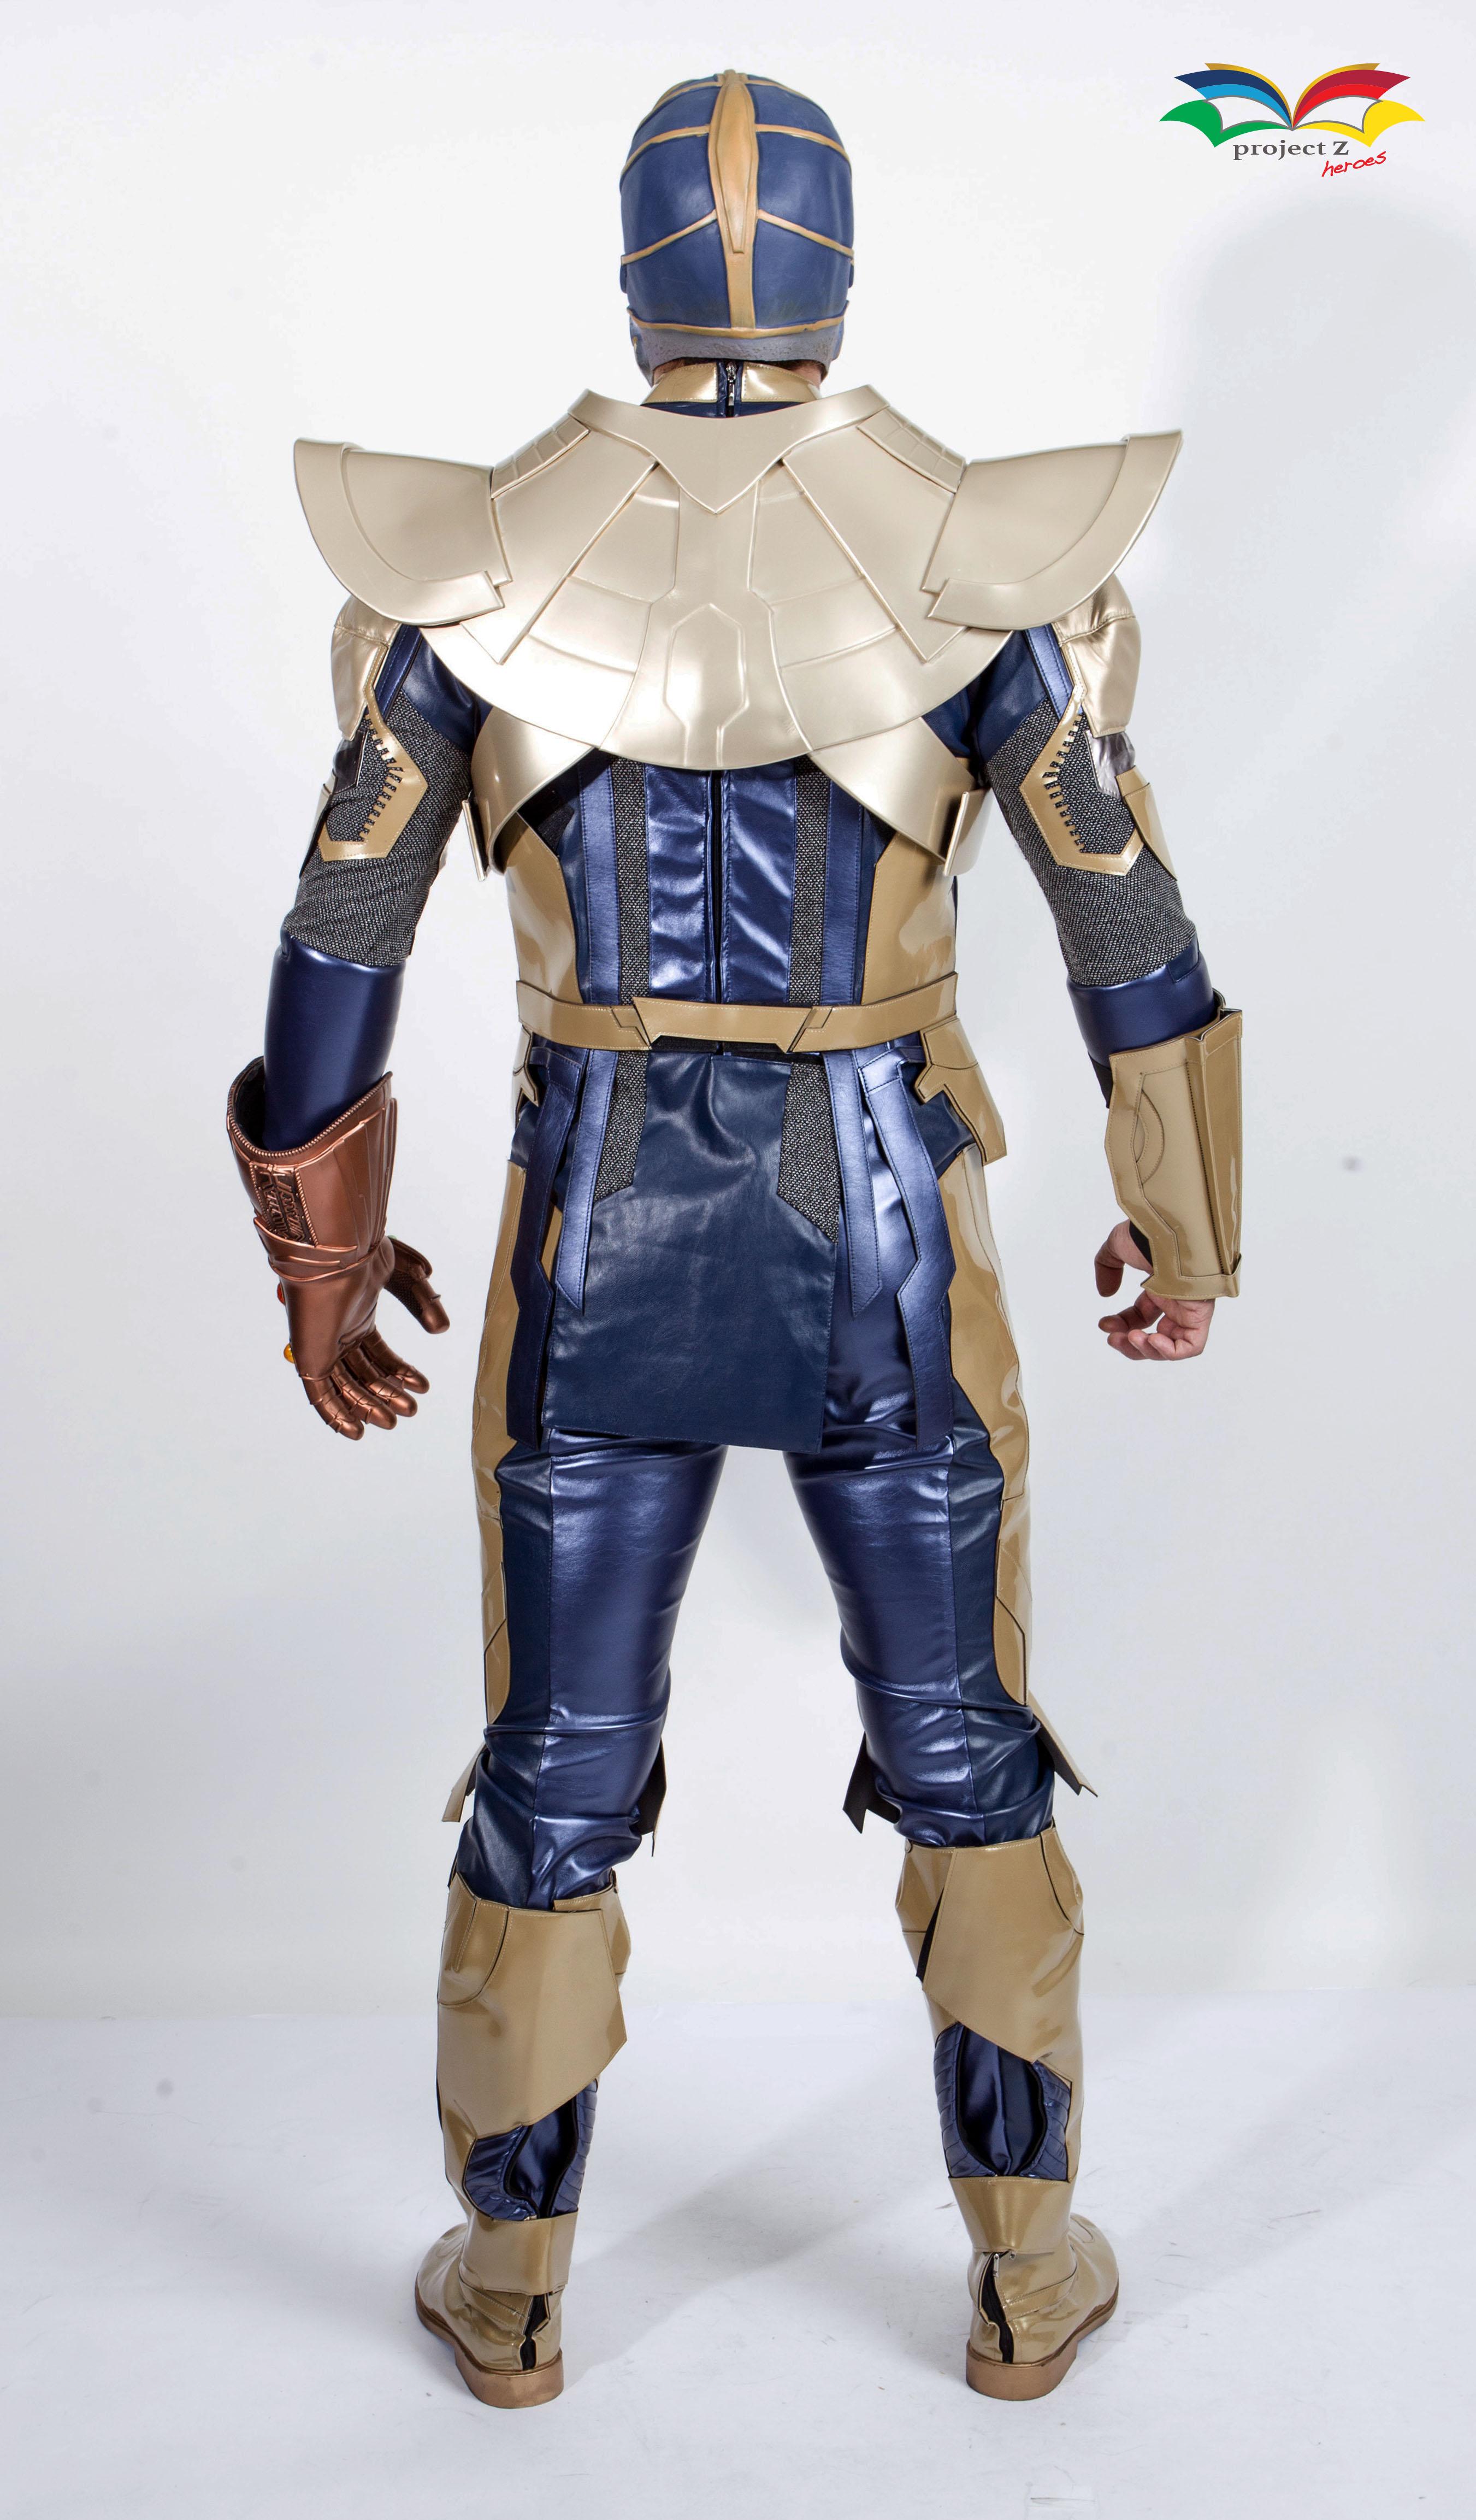 ชุดซุปเปอร์ฮีโร่ทาโนส Thanos infinity wa